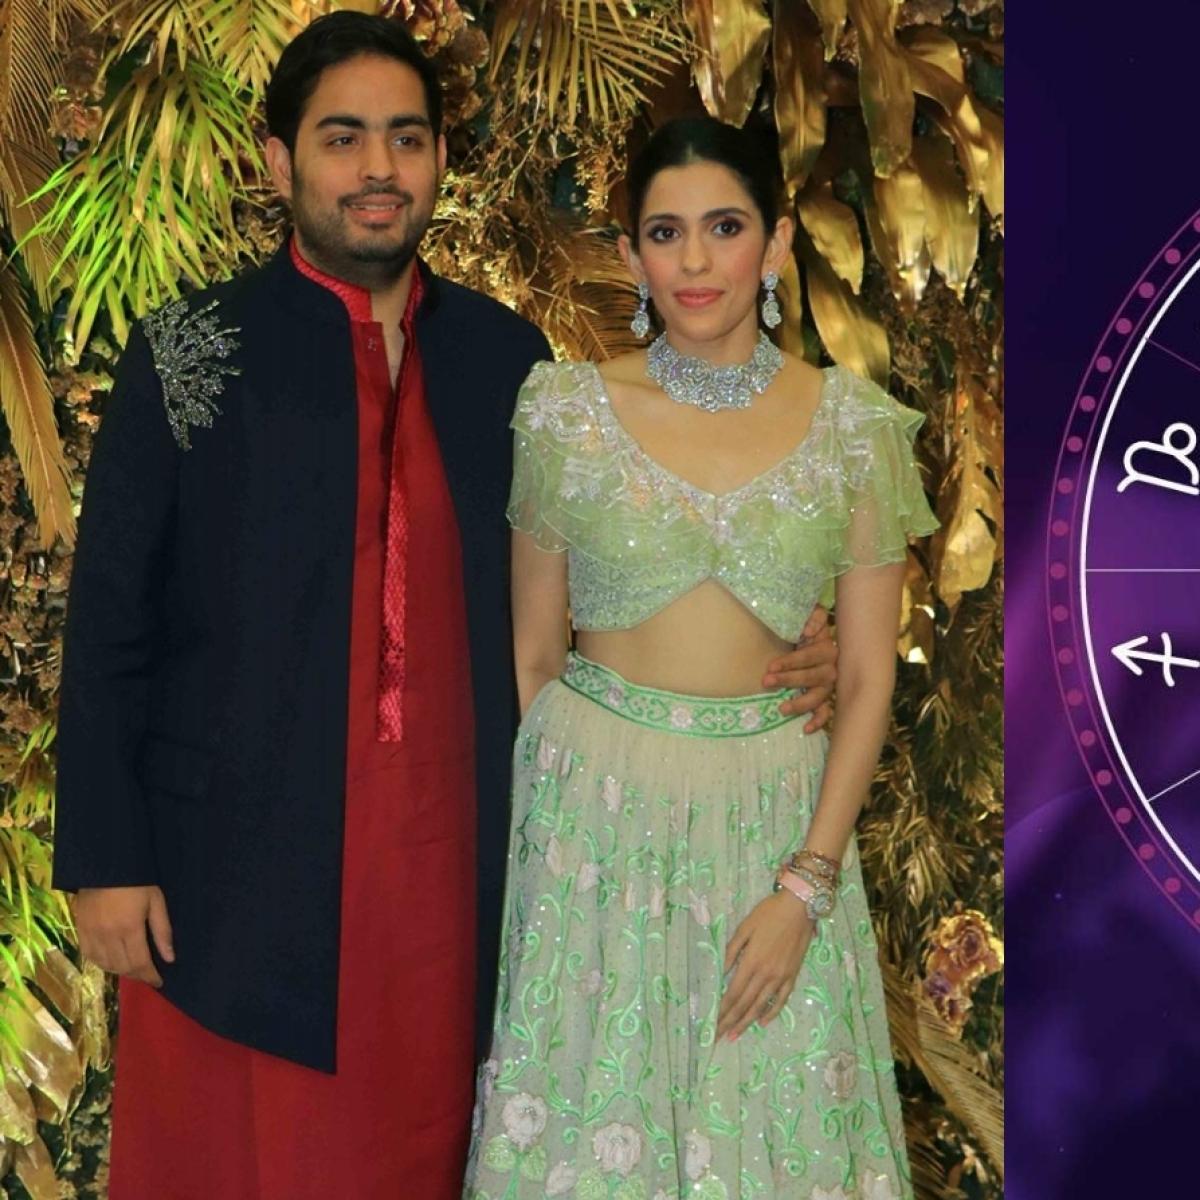 Akash-Shloka welcome baby boy: What does the horoscope of Ambani's new heir say?